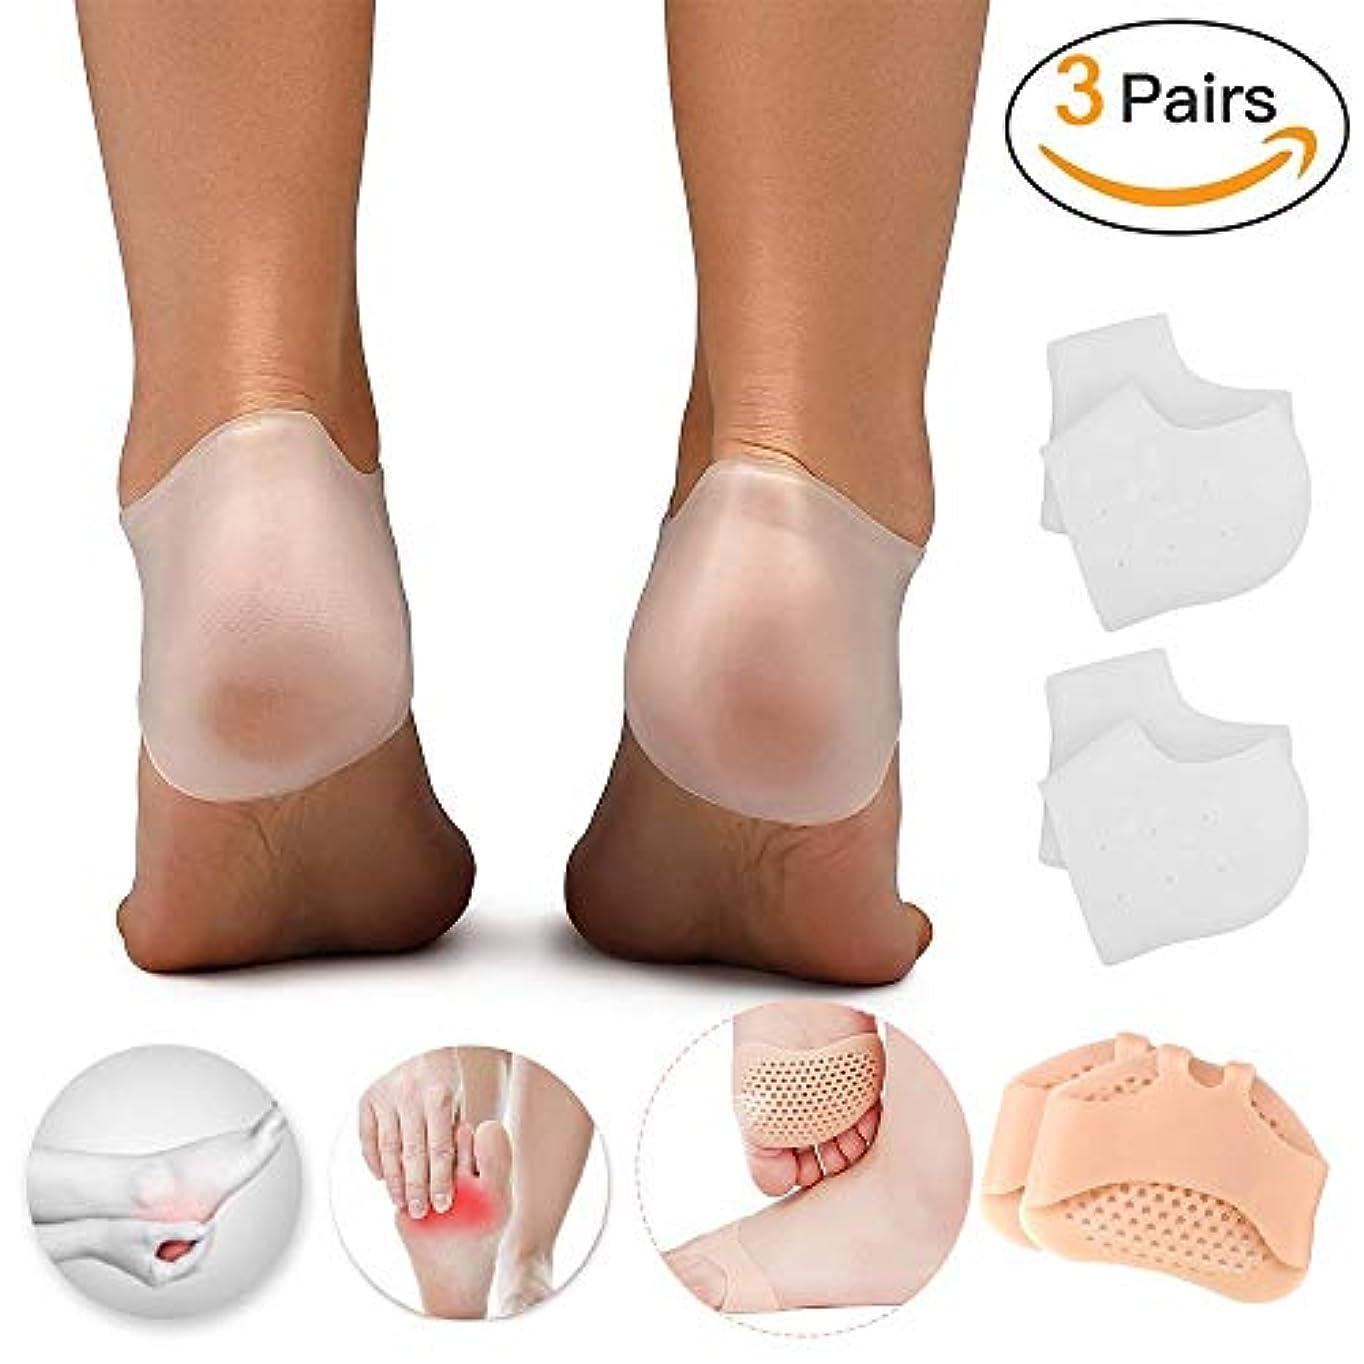 蜜水星パラメータかかとクッションスリーブプロテクター、足底筋膜炎、アキレス腱炎、かかとの痛み、中足骨gia神経腫、糖尿病性足の痛みを軽減するための女性と男性の中足骨パッド